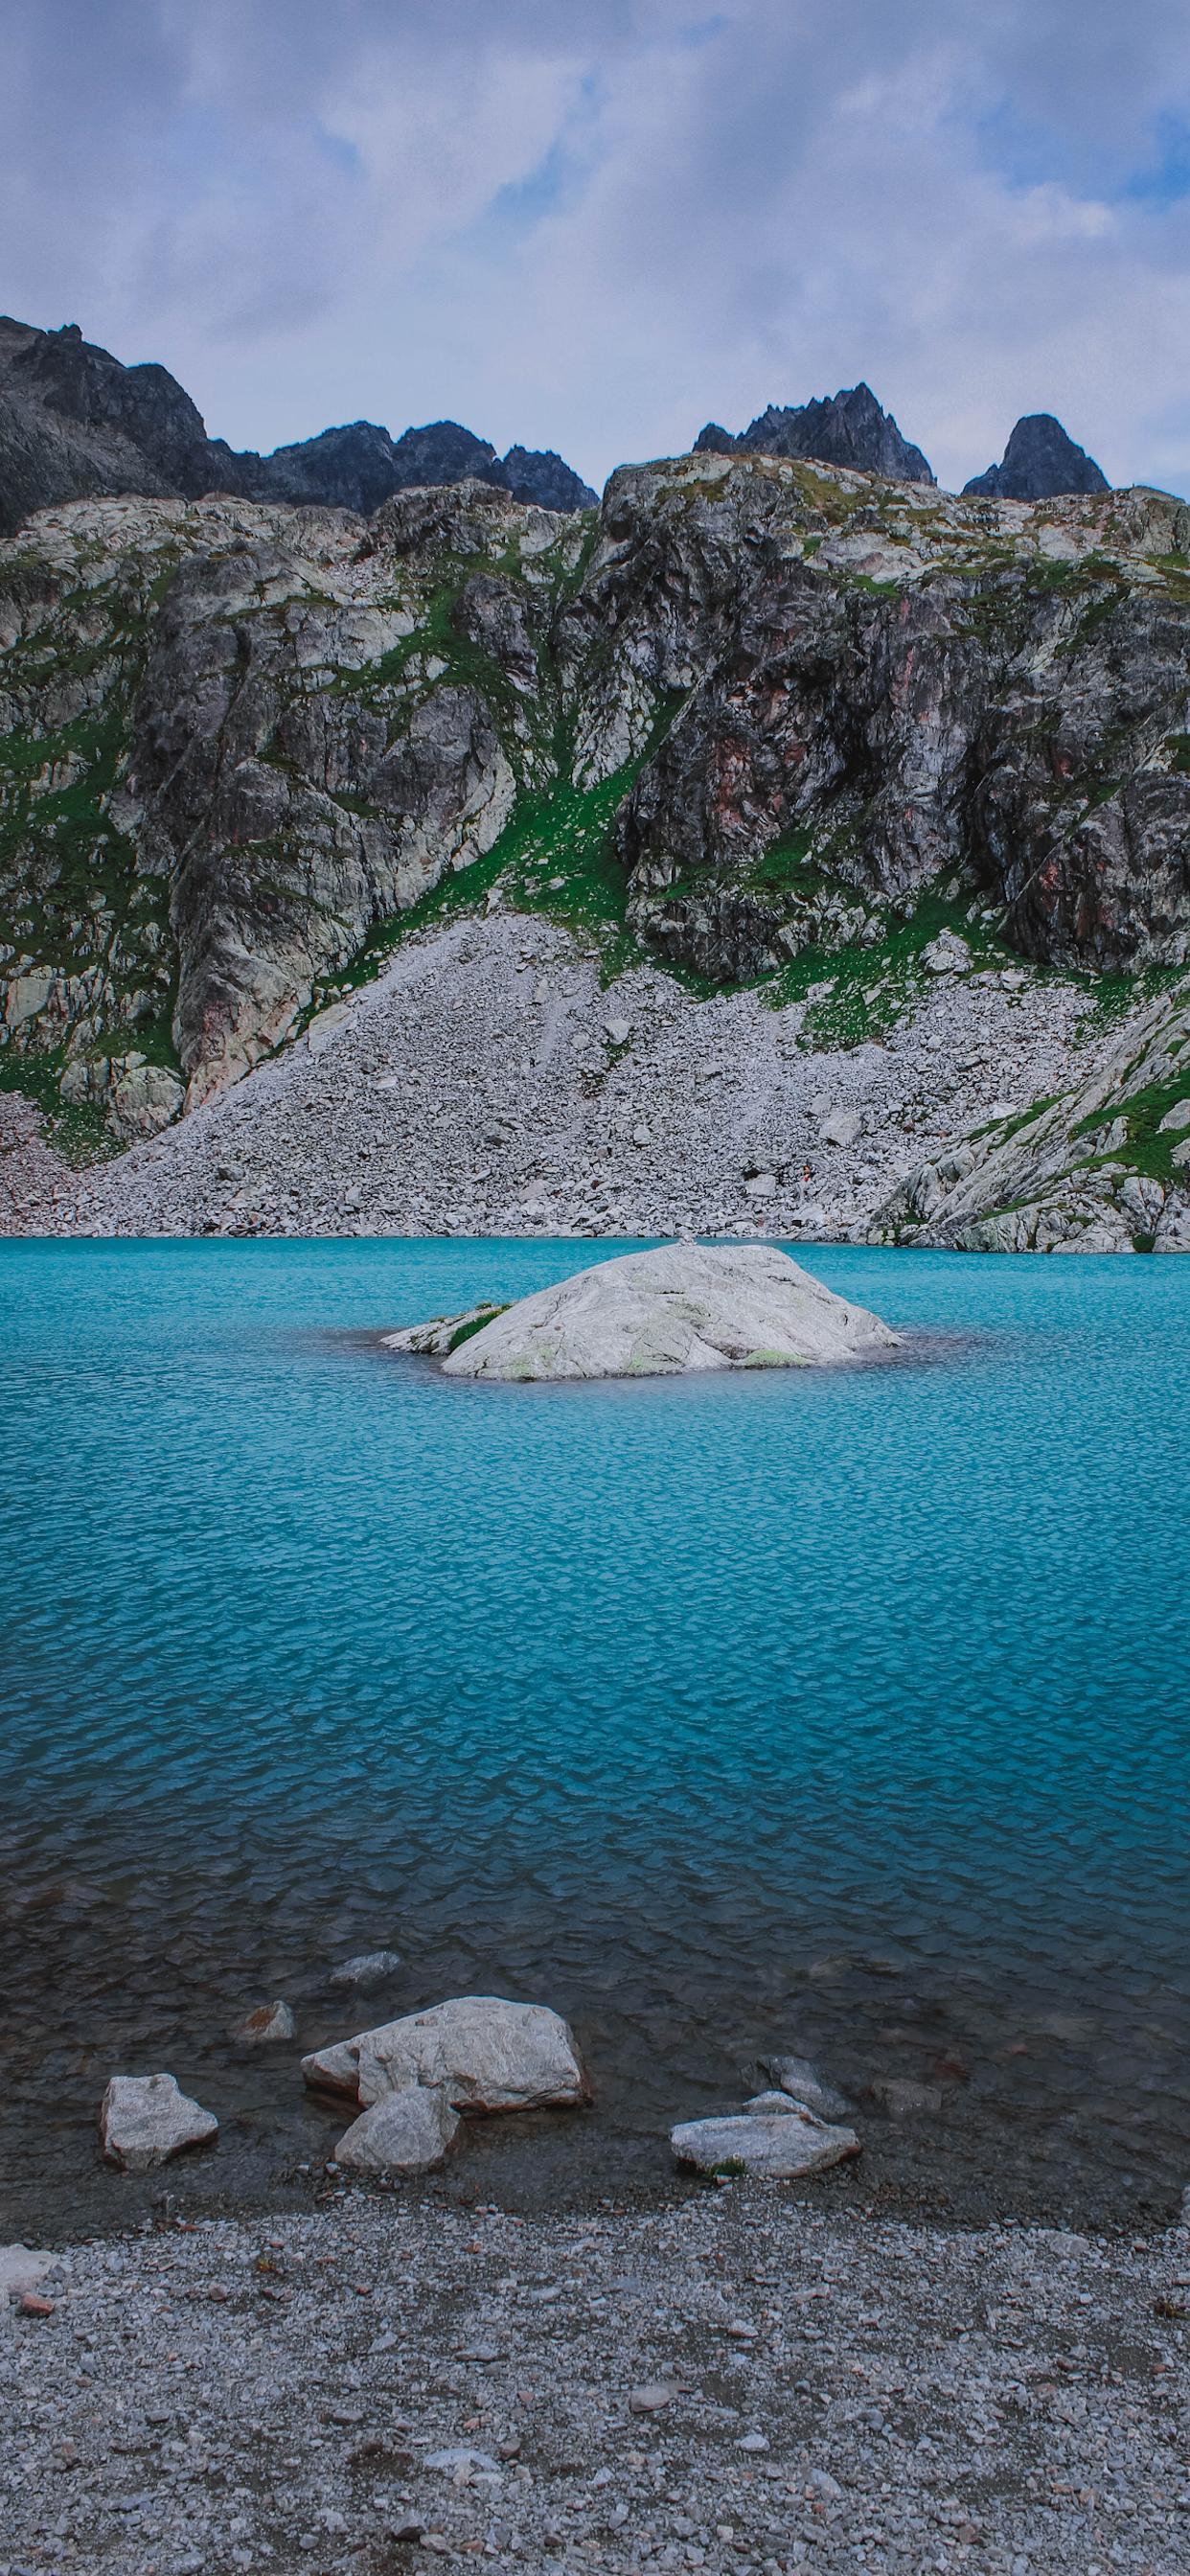 iPhone wallpapers alpes lake Fonds d'écran iPhone du 12/09/2019